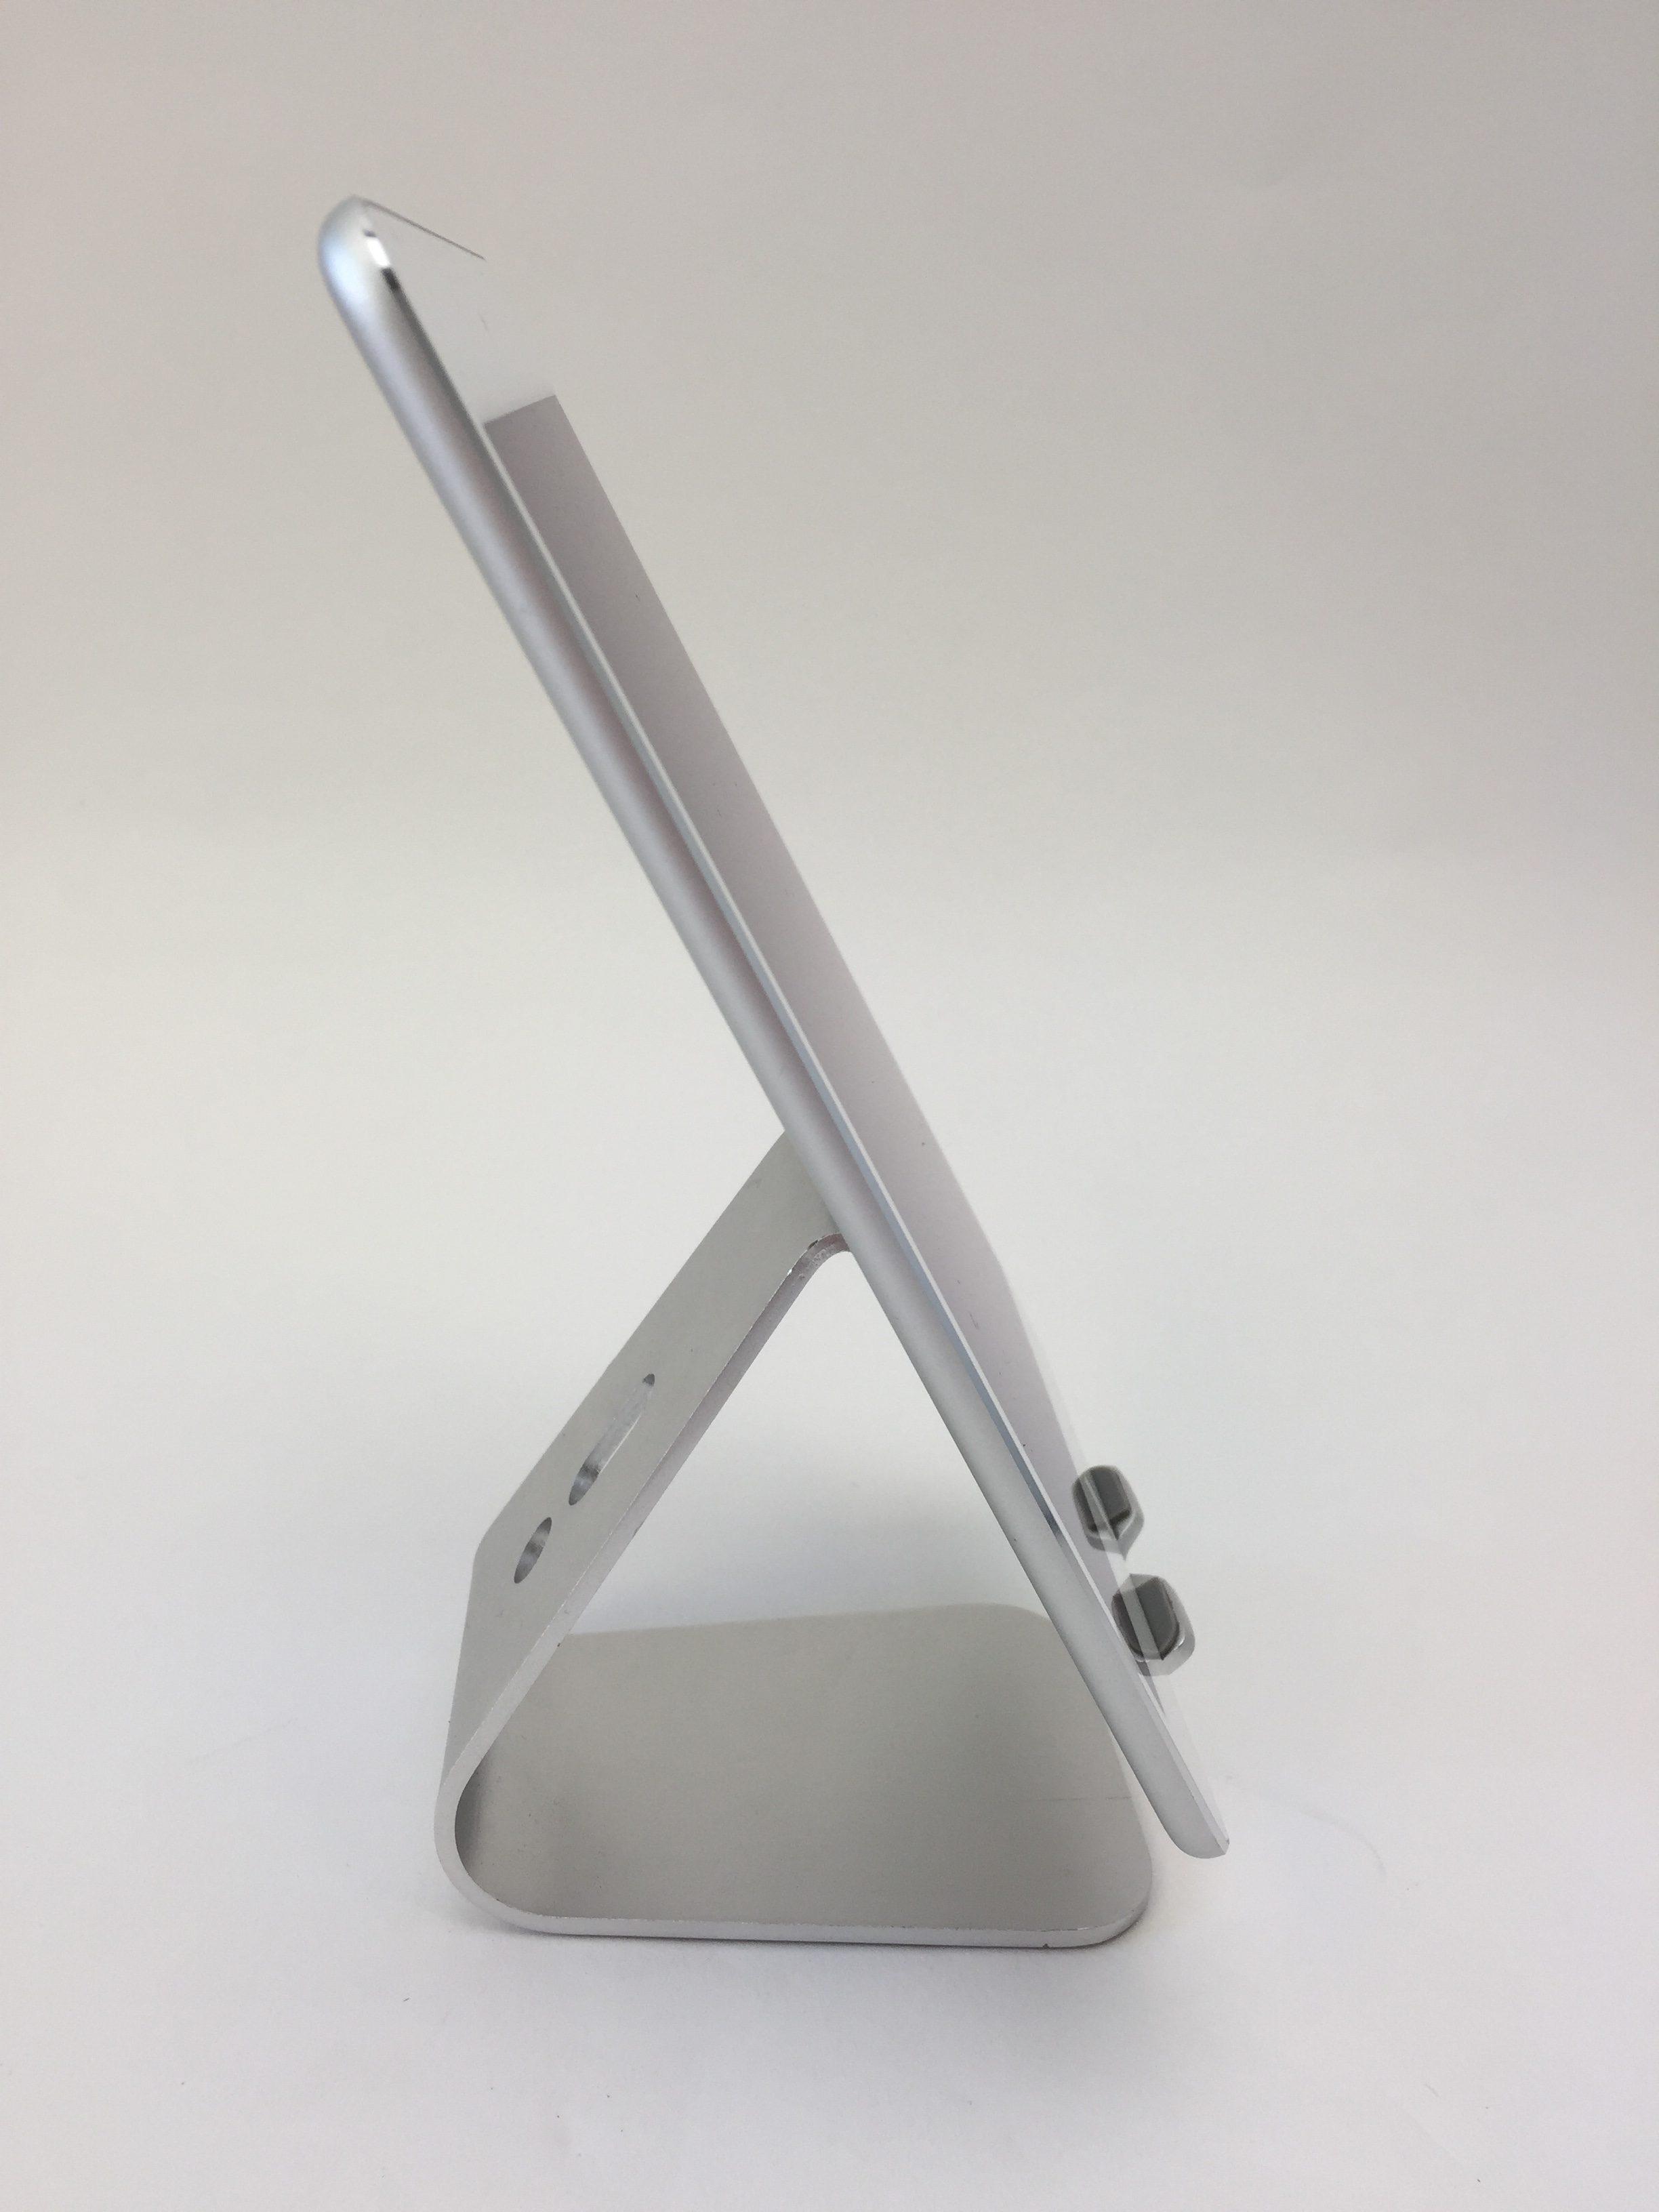 iPad mini 4 Wi-Fi 16GB, 16 GB, Silver, image 3